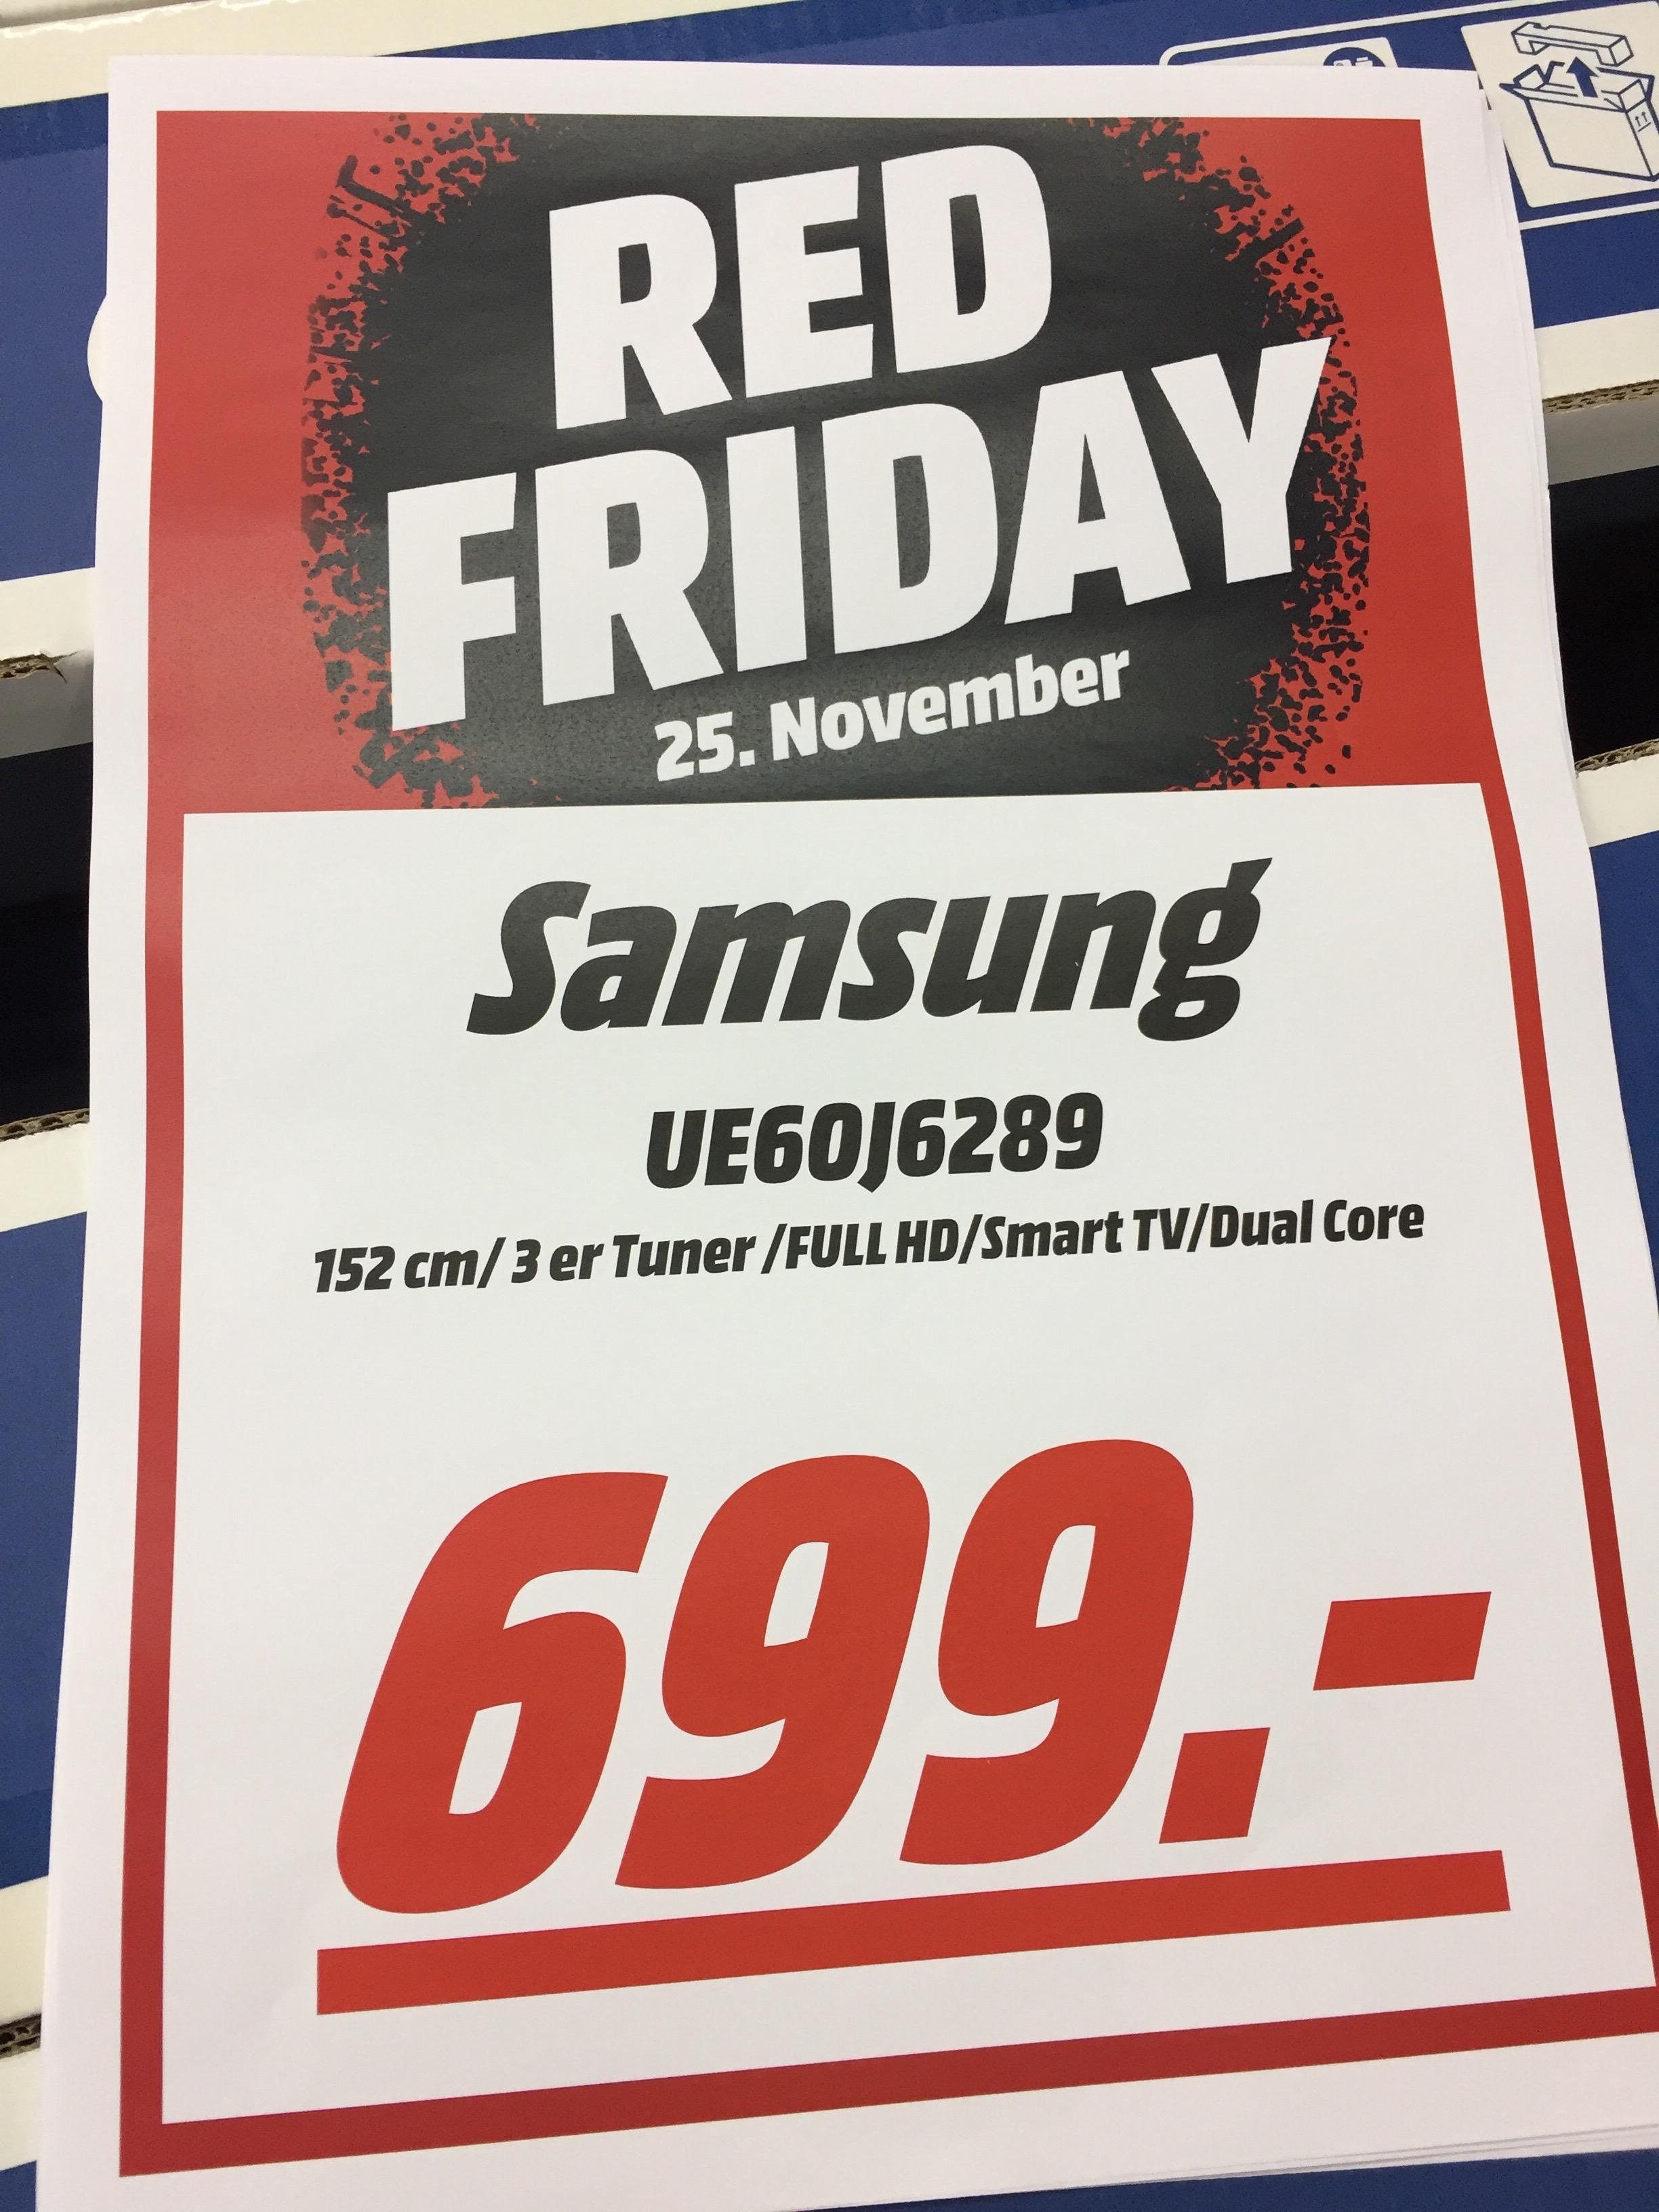 Samsung UE60J6289 Smart-TV zum Bestpreis! @BF2016